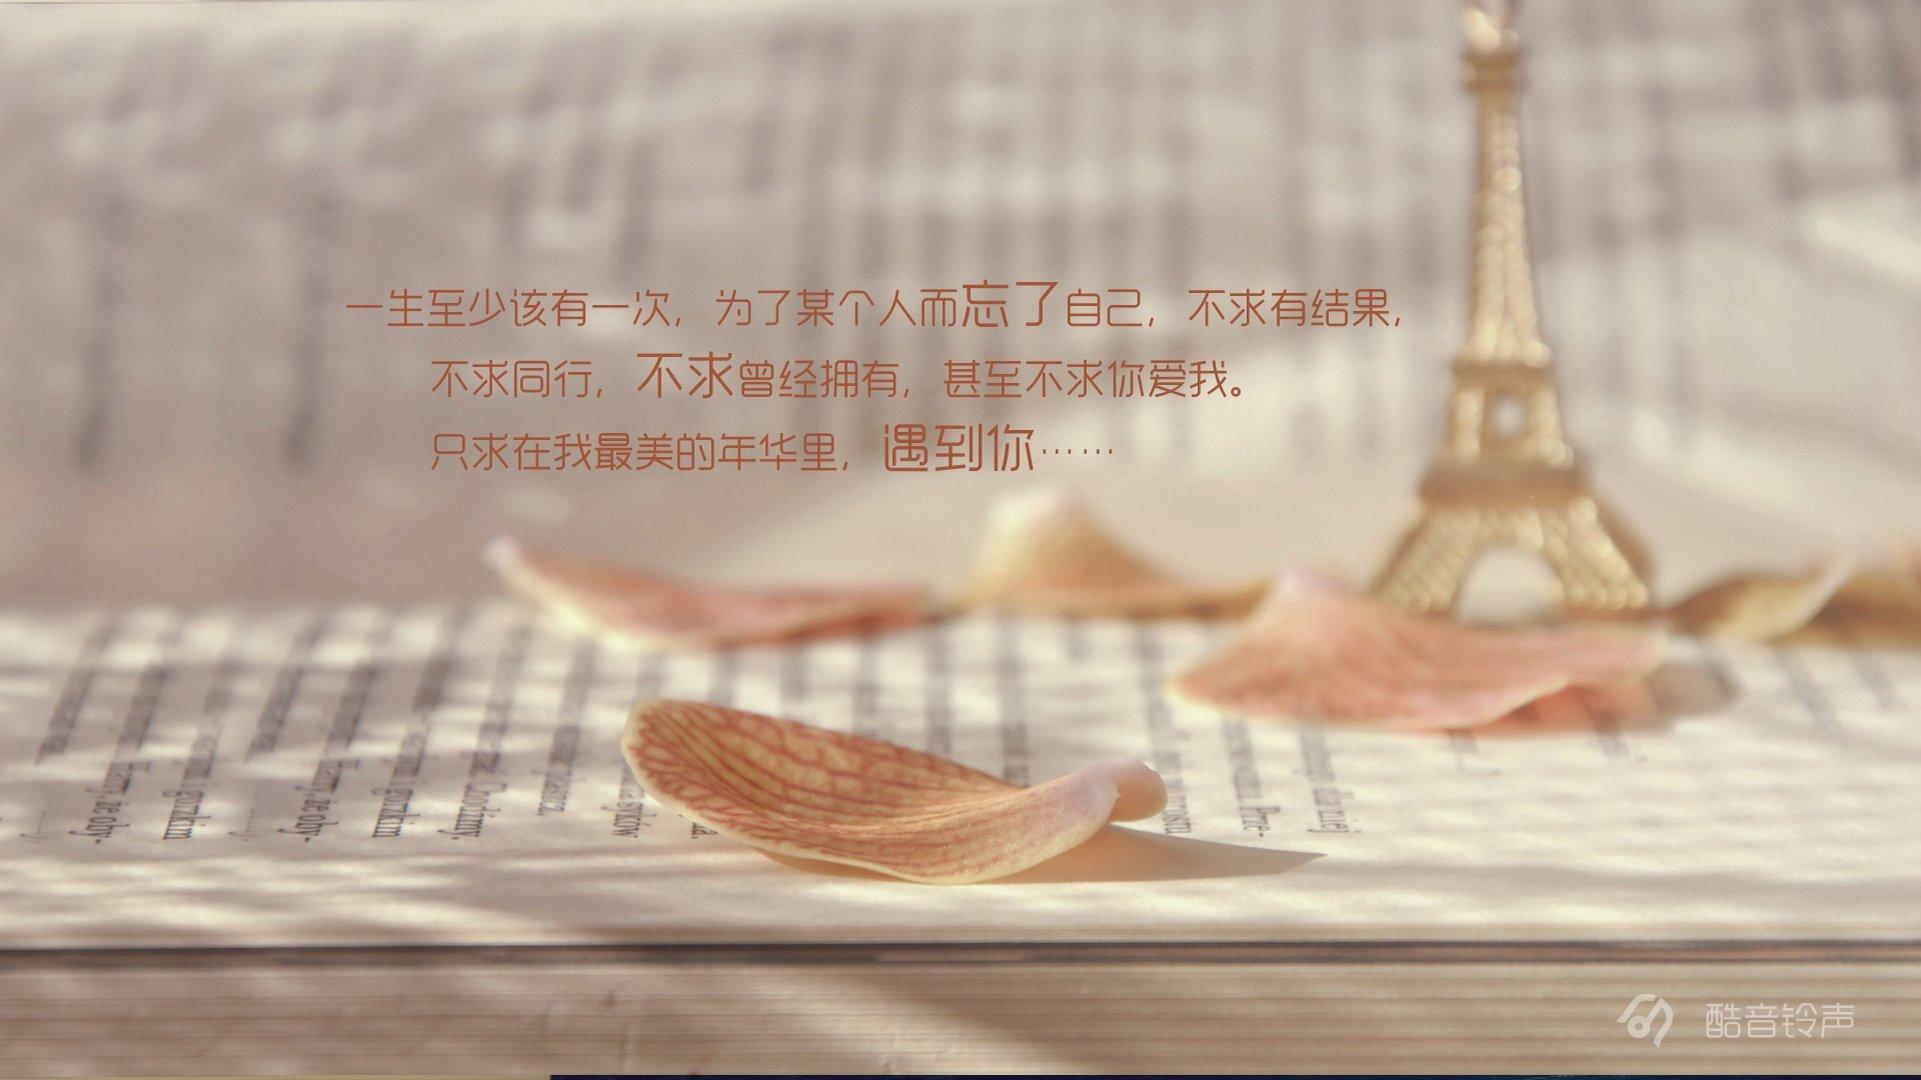 生活文字_暖干净安静唯美静物物语时光恋生活文字